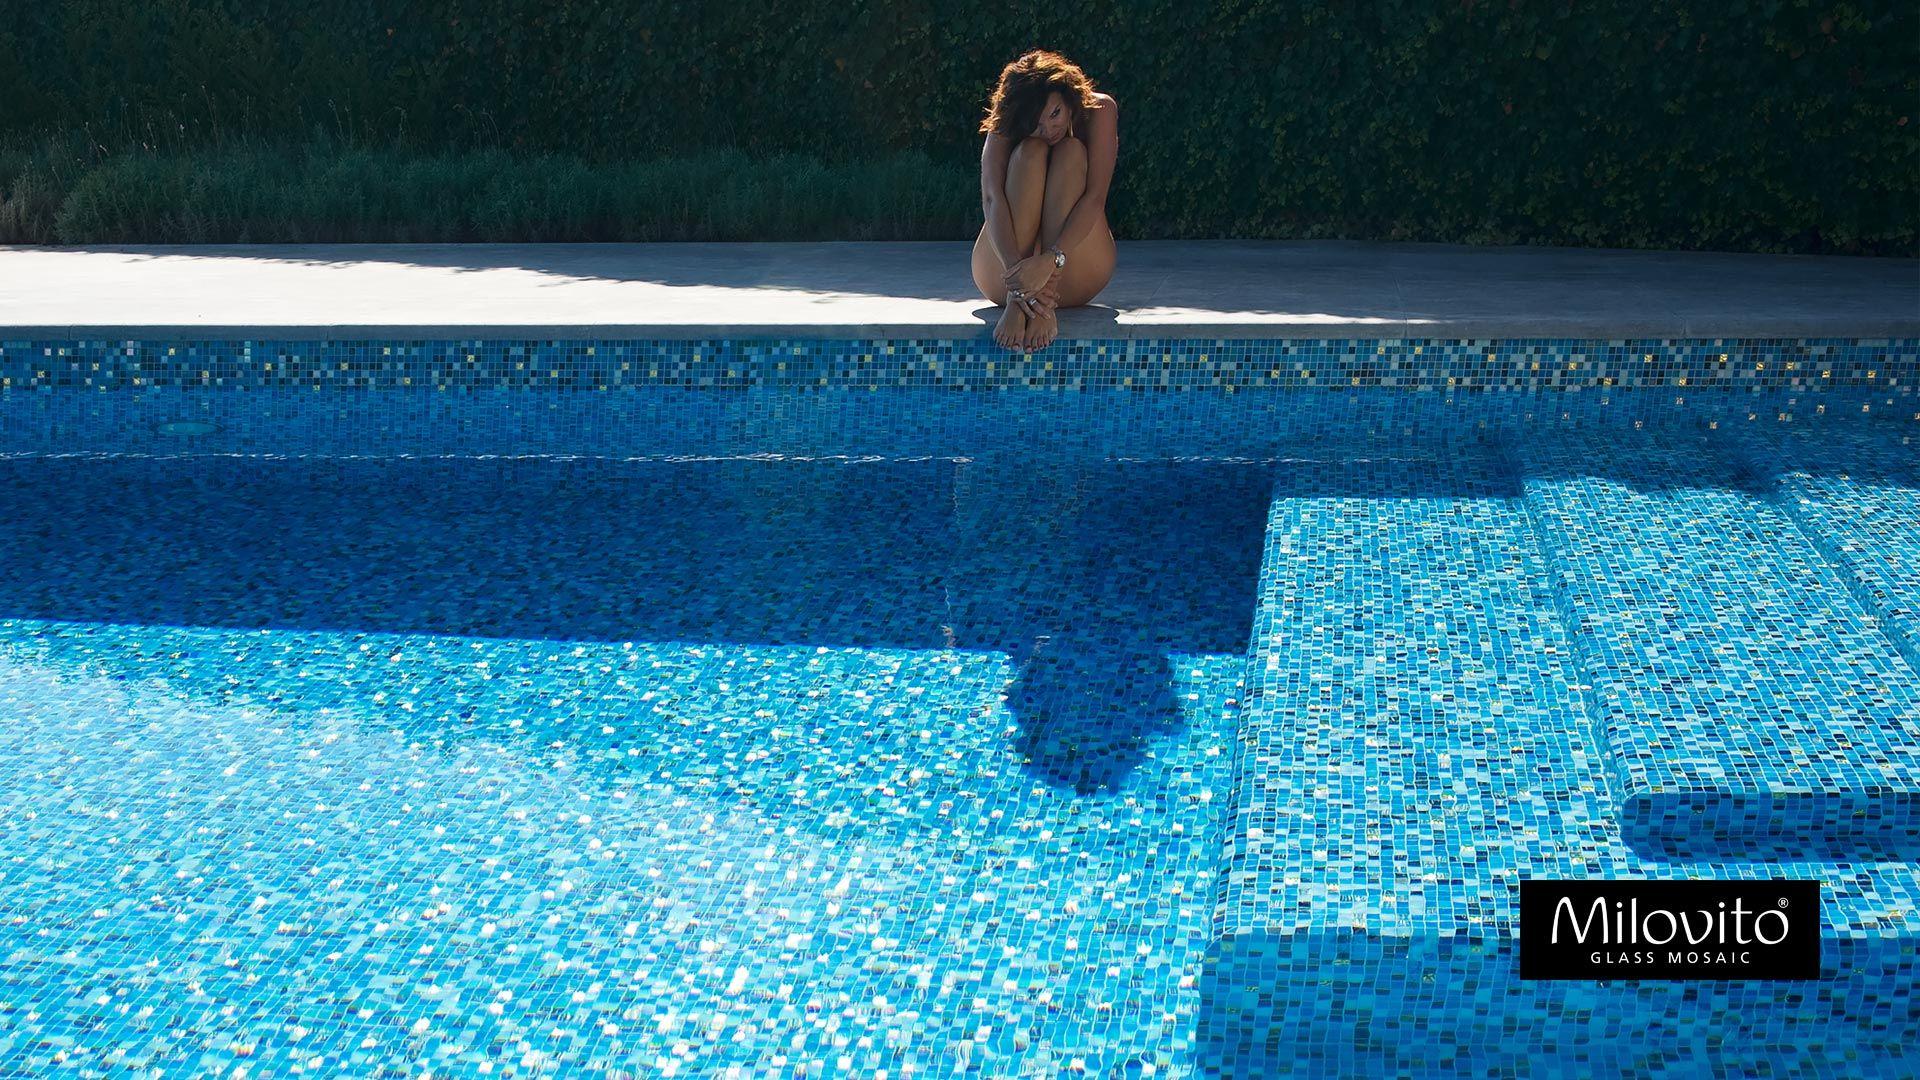 Zwembad afgewerkt met blauw glasmozaïek en gouden accenten